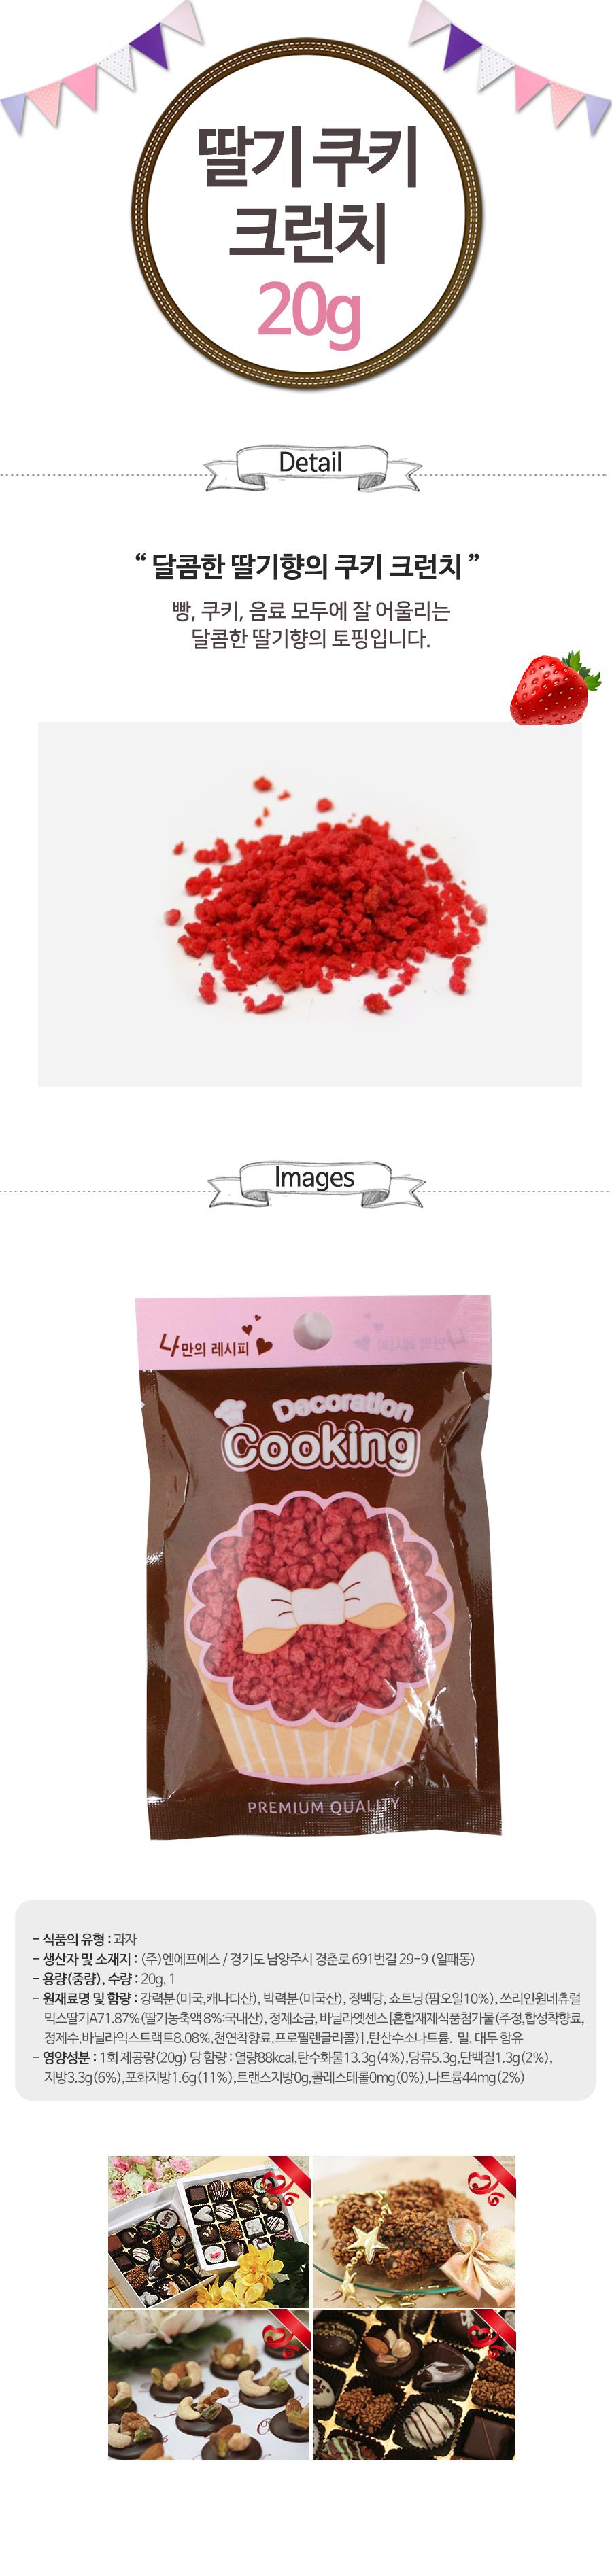 딸기 쿠키 크런치 20g - 레드비, 1,000원, DIY재료, 토핑/데코